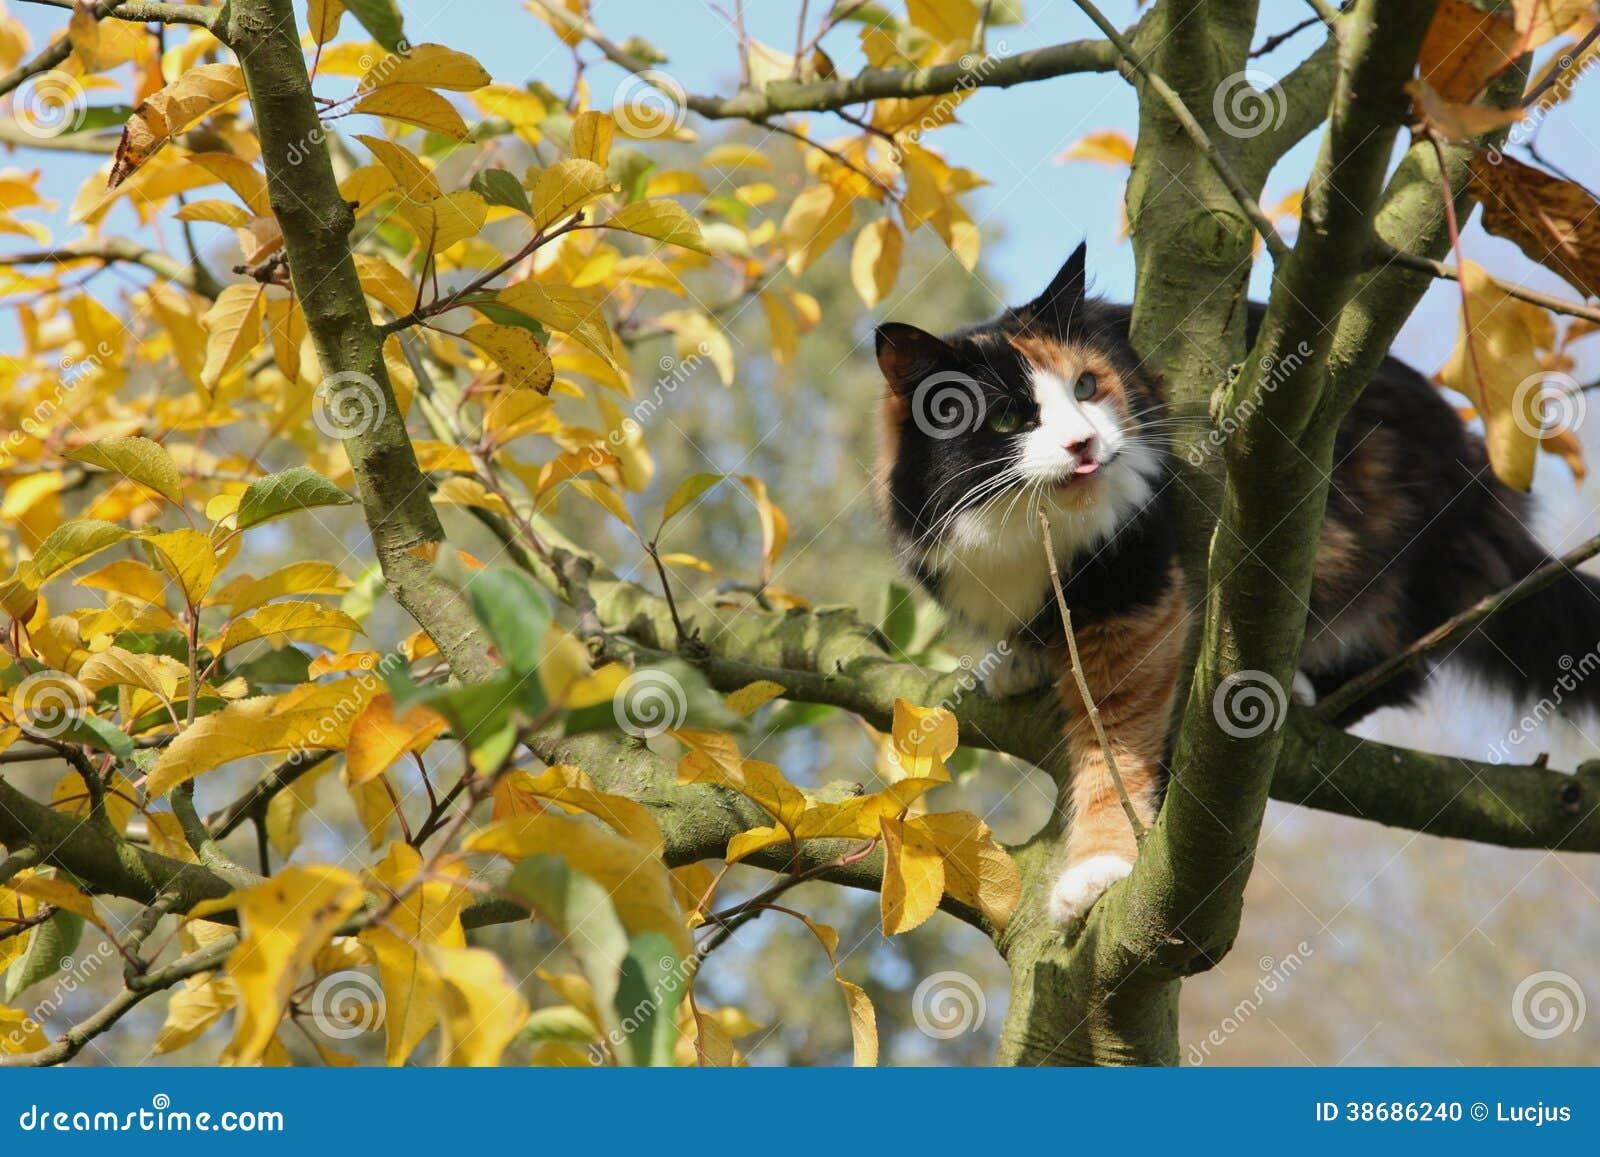 bunte katze auf apfelbaum im herbst stockfoto bild 38686240. Black Bedroom Furniture Sets. Home Design Ideas